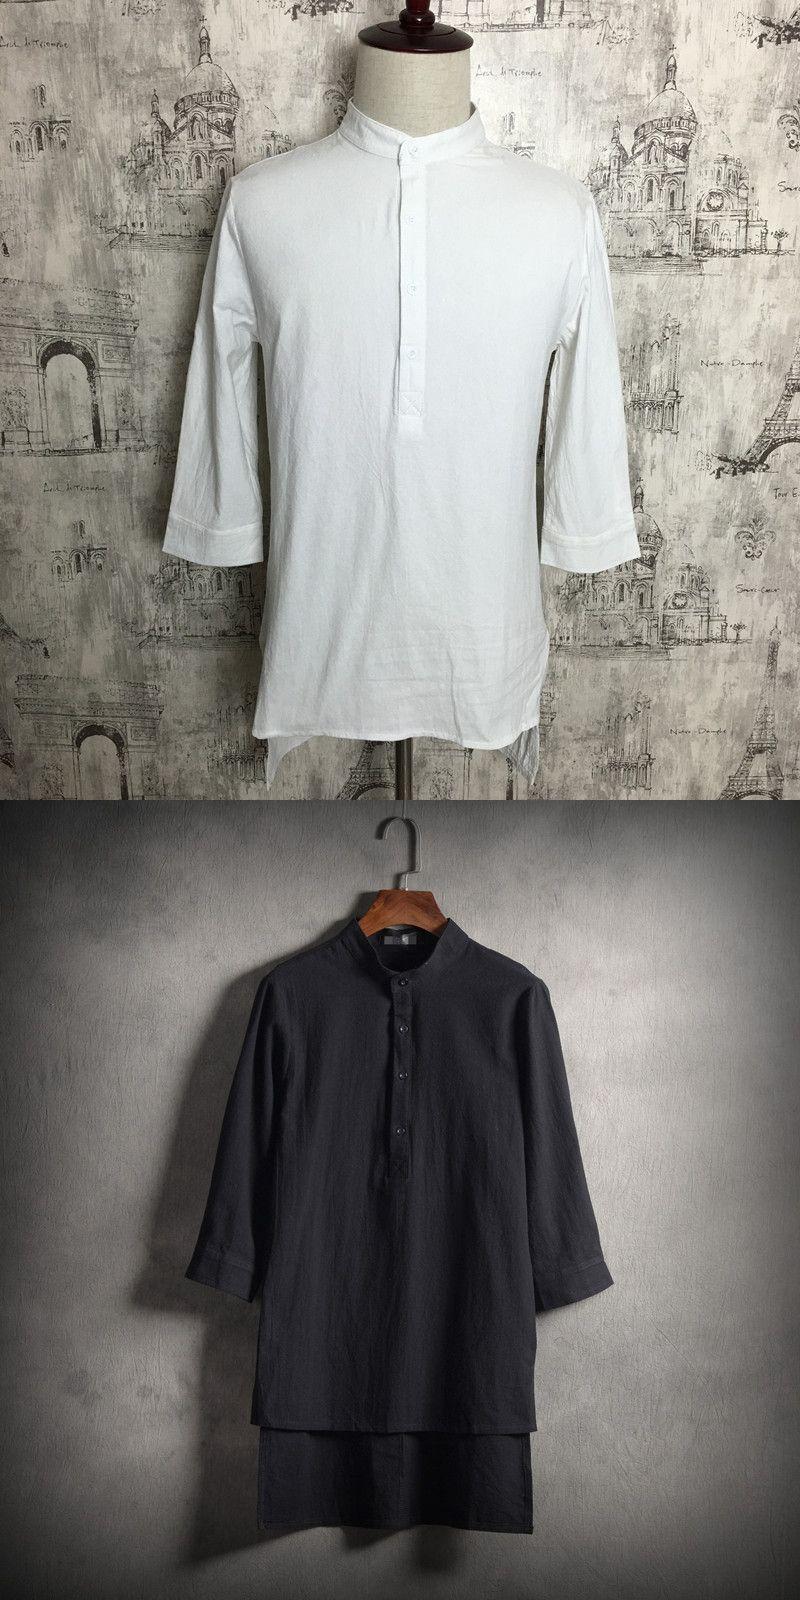 M-5XL!! Male half sleeve linen shirt medium-long fluid loose shirt fifth sleeve slim outerwear